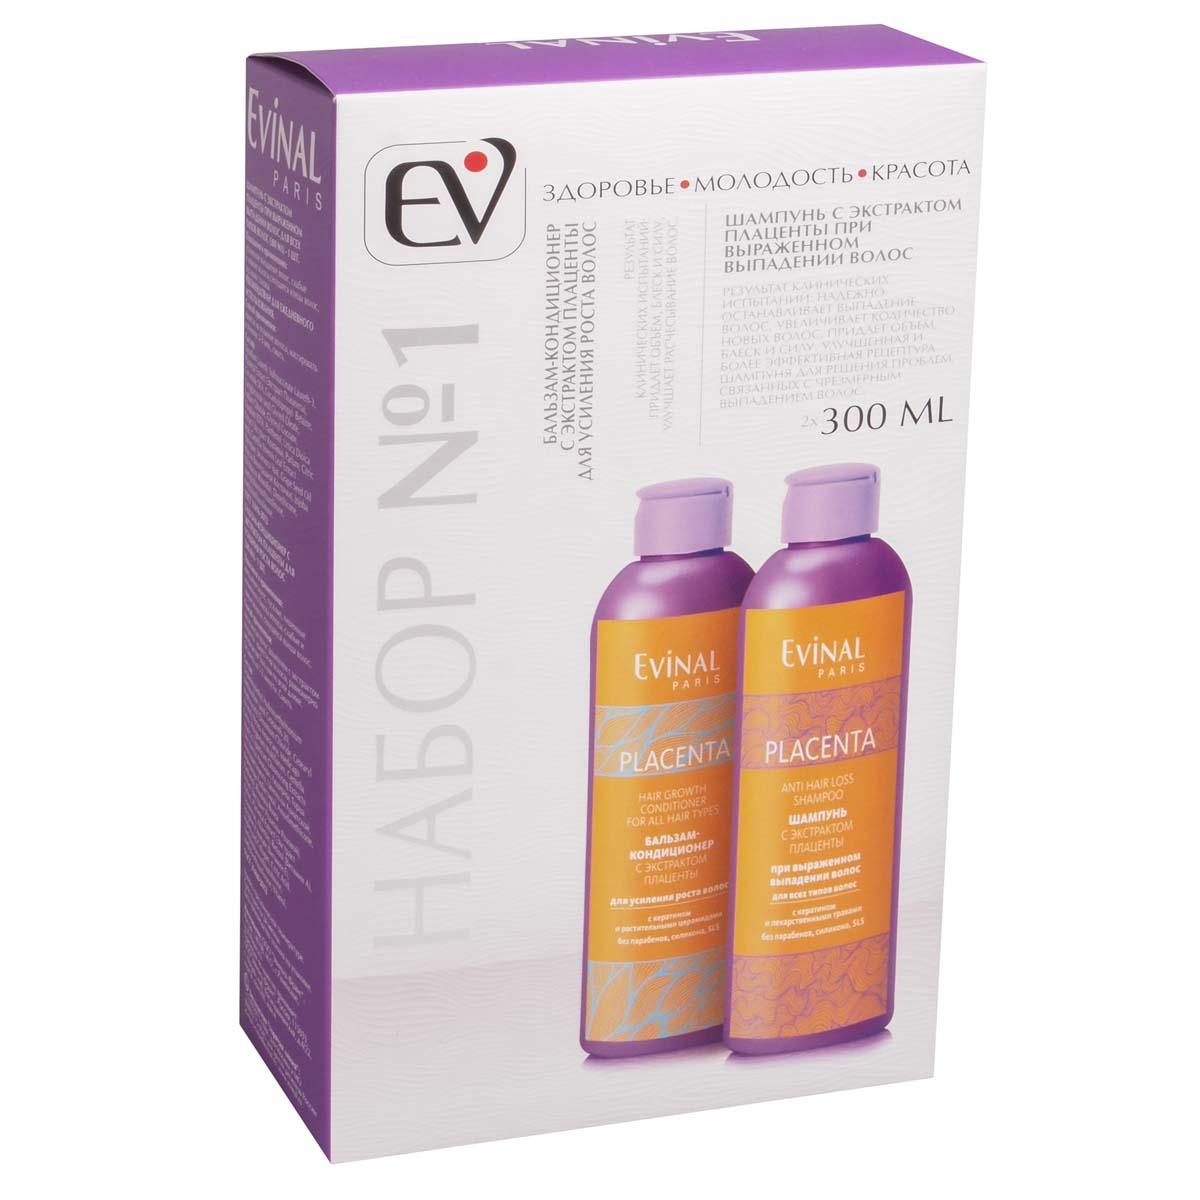 Подарочный набор Evinal №1: Шампунь с экстрактом плаценты при выраженном выпадении волос для всех типов волос, 300мл.+ Бальзам-кондиционер с экстрактом плаценты для усиления роста, 300мл.0162Подарочный набор №1 (Шампунь с экстрактом плаценты при выраженном выпадении волос для всех типов волос 300мл.+Бальзам-кондиционер с экстрактом плаценты для усиления роста 300мл. ) в коробке. Состоит из: шампуня с экстрактом плаценты при выраженном выпадении волос для всех типов волос и бальзама-кондиционера с экстрактом плаценты для усиления роста волос. ШАМПУНЬ С ЭКСТРАКТОМ ПЛАЦЕНТЫ ПРИ ВЫРАЖЕННОМ ВЫПАДЕНИИ ВОЛОС. ДЛЯ ВСЕХ ТИПОВ ВОЛОС -Улучшенная и более эффективная рецептура шампуня для решения проблем, связанных с чрезмерным выпадением волос. Показания к применению: выраженное выпадение волос, медленный рост волос, слабые и ломкие волосы, секущиеся концы волос. Результат клинических испытаний: надежно останавливает выпадение волос, увеличивает количество новых растущих волос, придает объем блеск и силу Рекомендован для ежедневного использования. КОНДИЦИОНЕР С ЭКСТРАКТОМ ПЛАЦЕНТЫ ДЛЯ УСИЛЕНИЯ РОСТА ВОЛОС-Показания к применению: усиленное выпадение волос, тусклые лишенные жизненного...